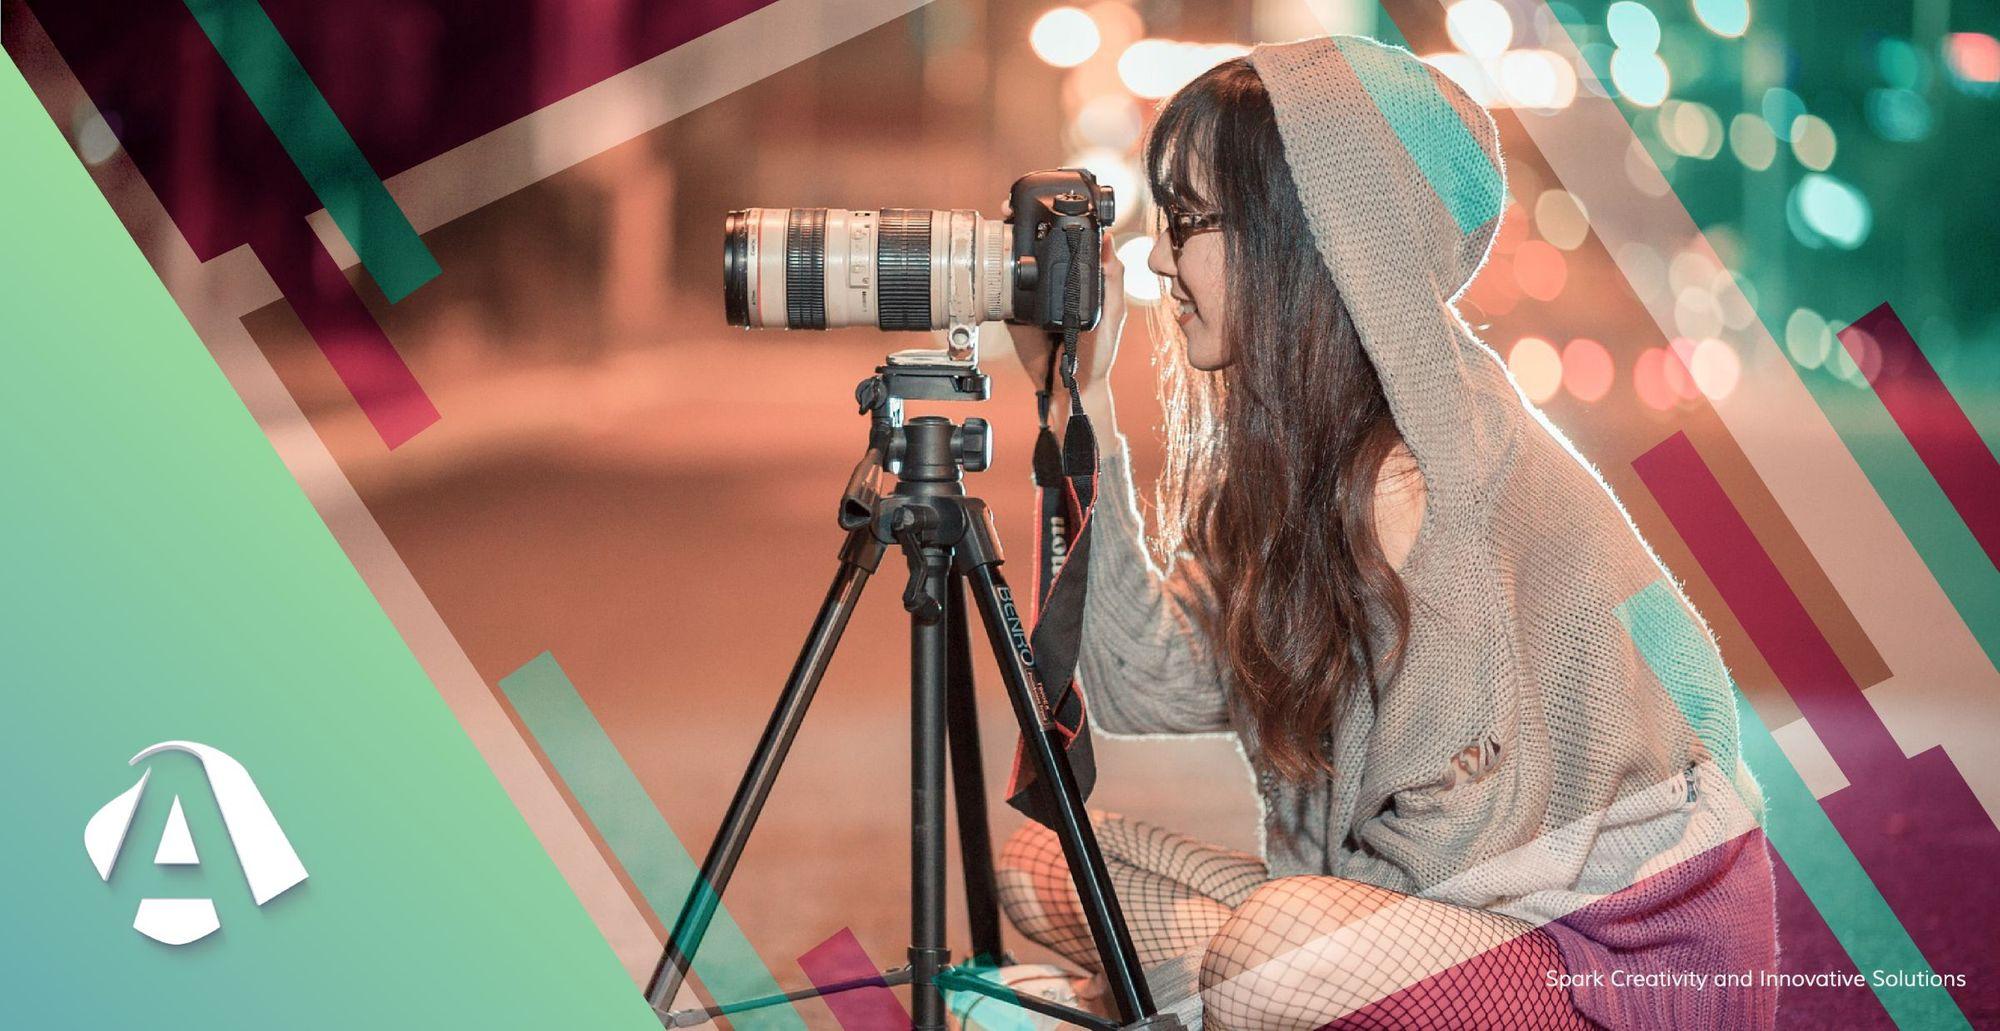 Fotografer Keren